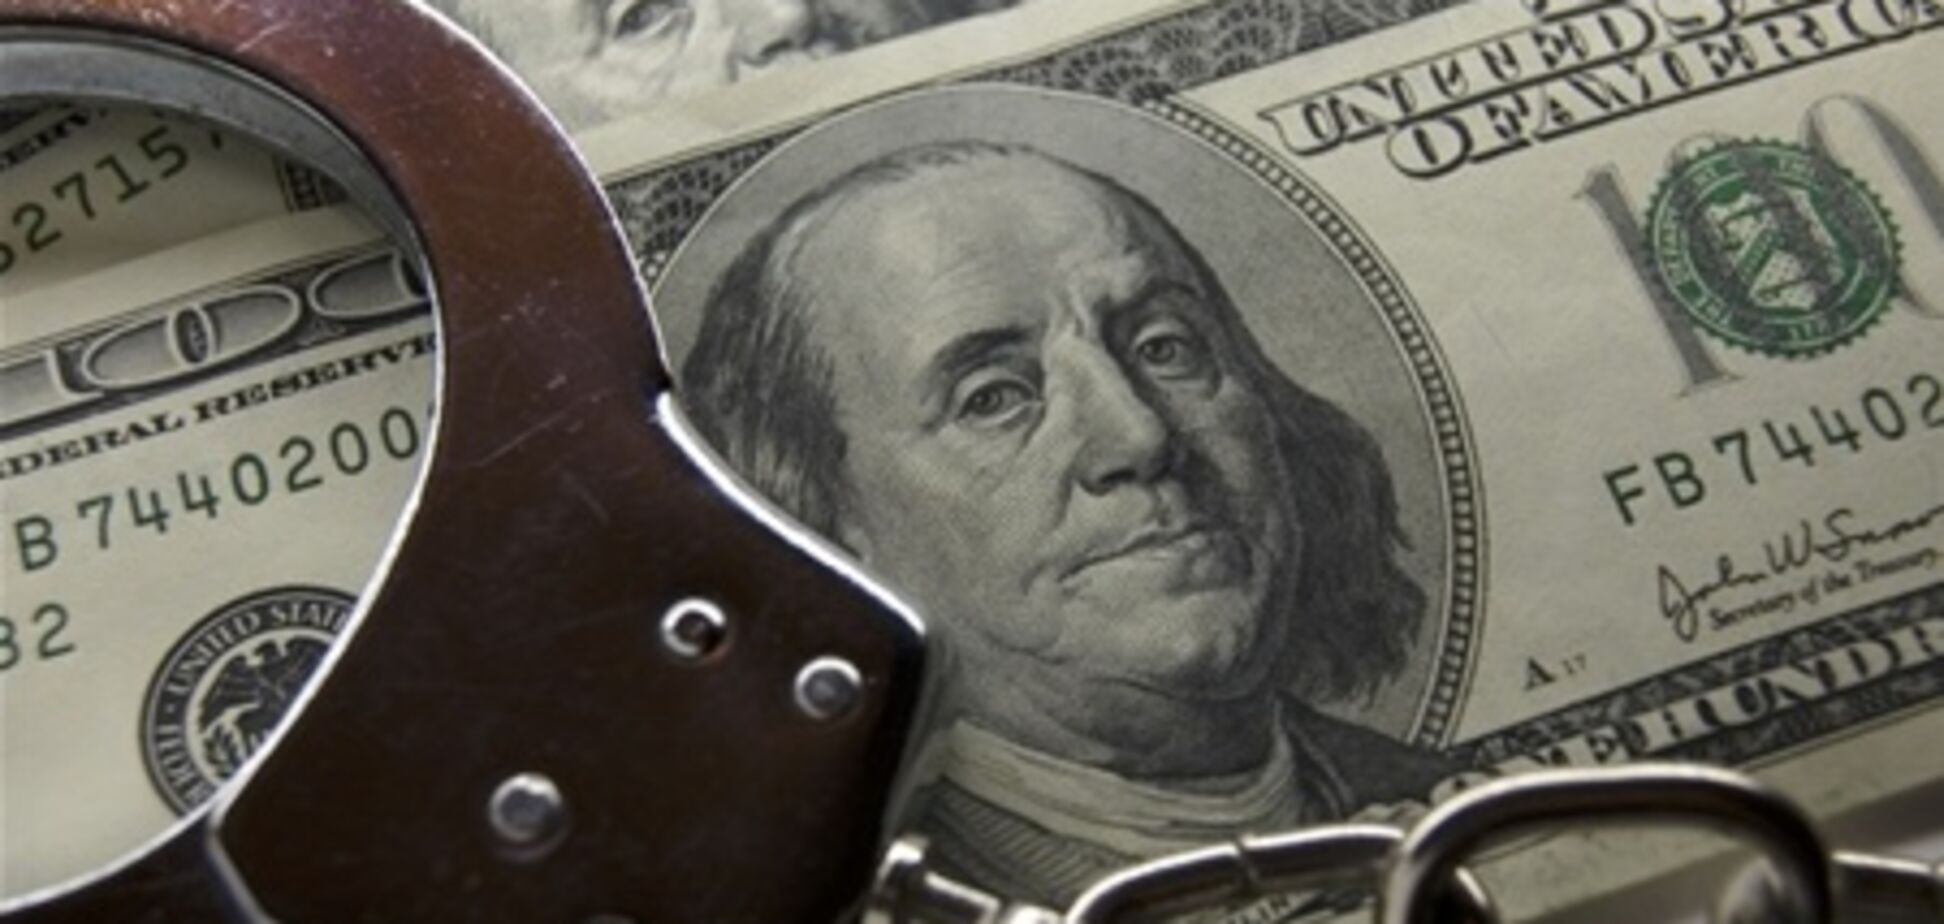 Столичный банкир украл у клиентов более 4 млн грн